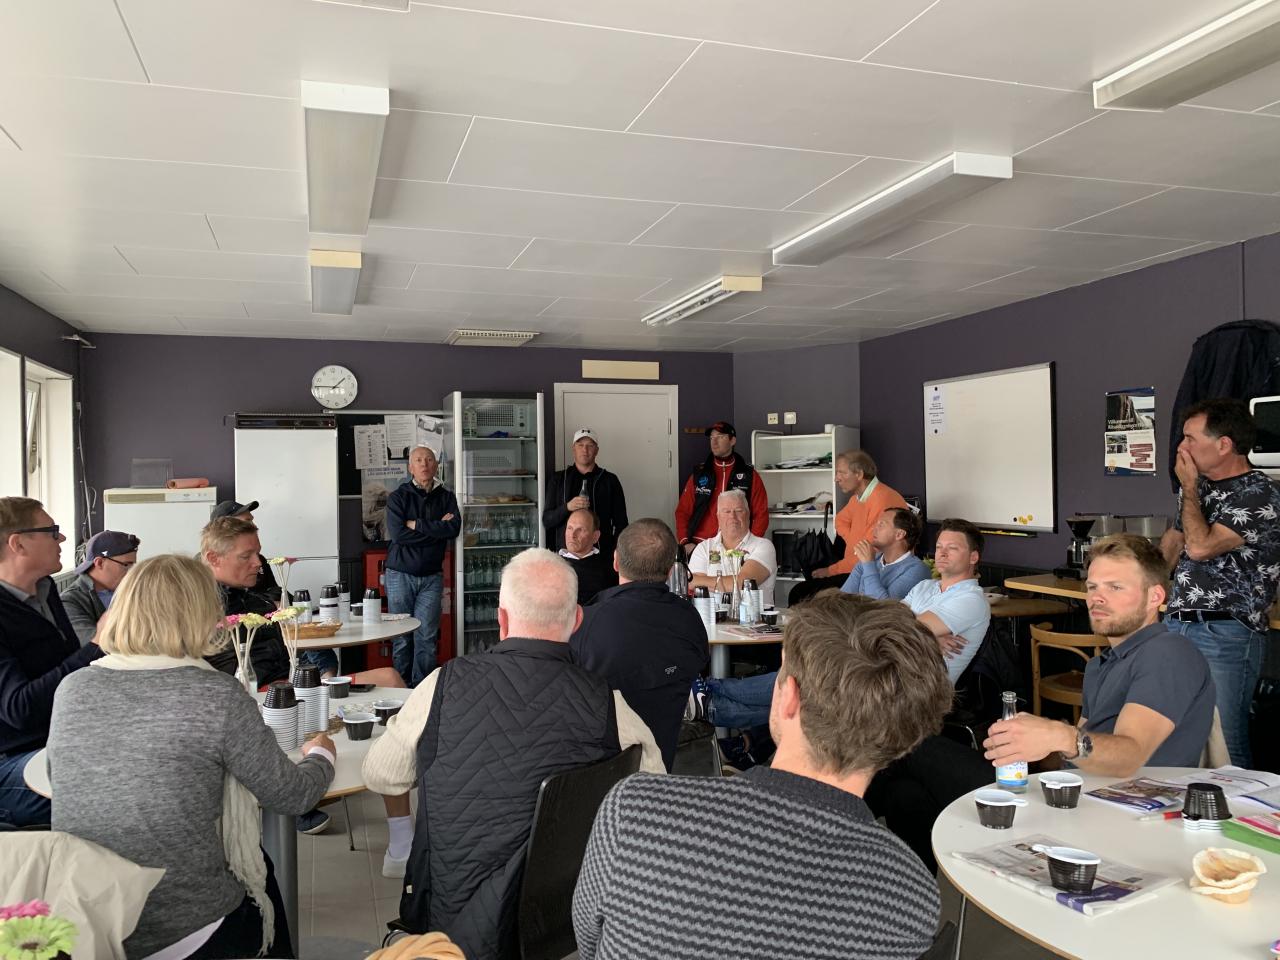 Tränarna samlades i Halmstad för att kräva svar av ST:s ordförande Marjaana Alaviuhkola gällande startiden 16.20 på lördagar för V75. Foto Cecilia Kristoffersson